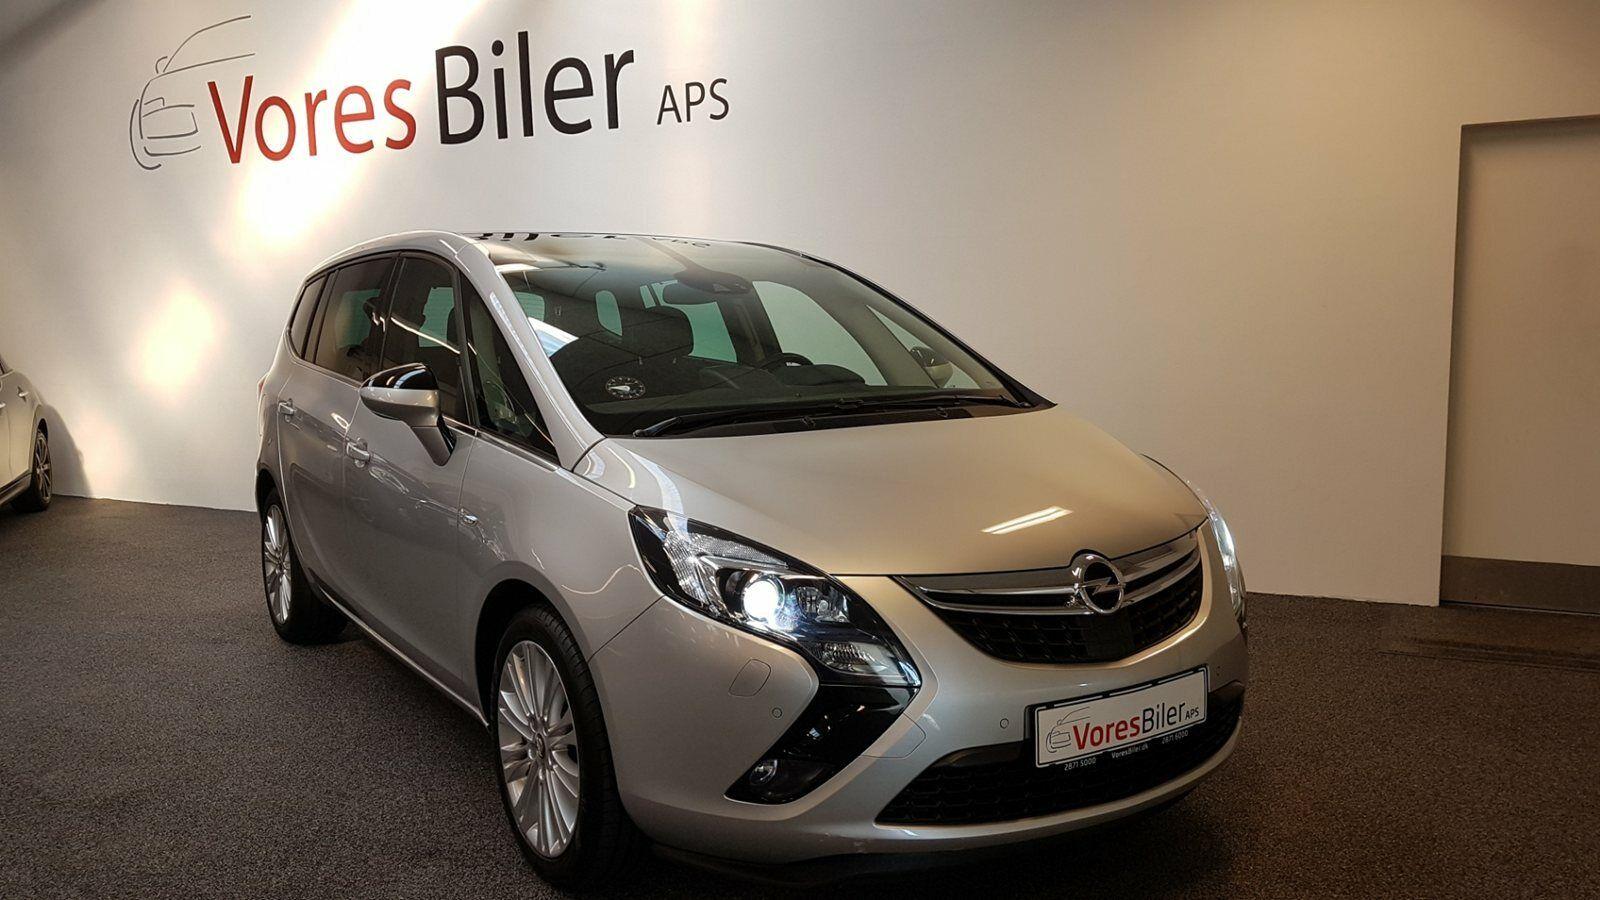 Opel Zafira Tourer 2,0 CDTi 165 Cosmo 5d - 199.900 kr.